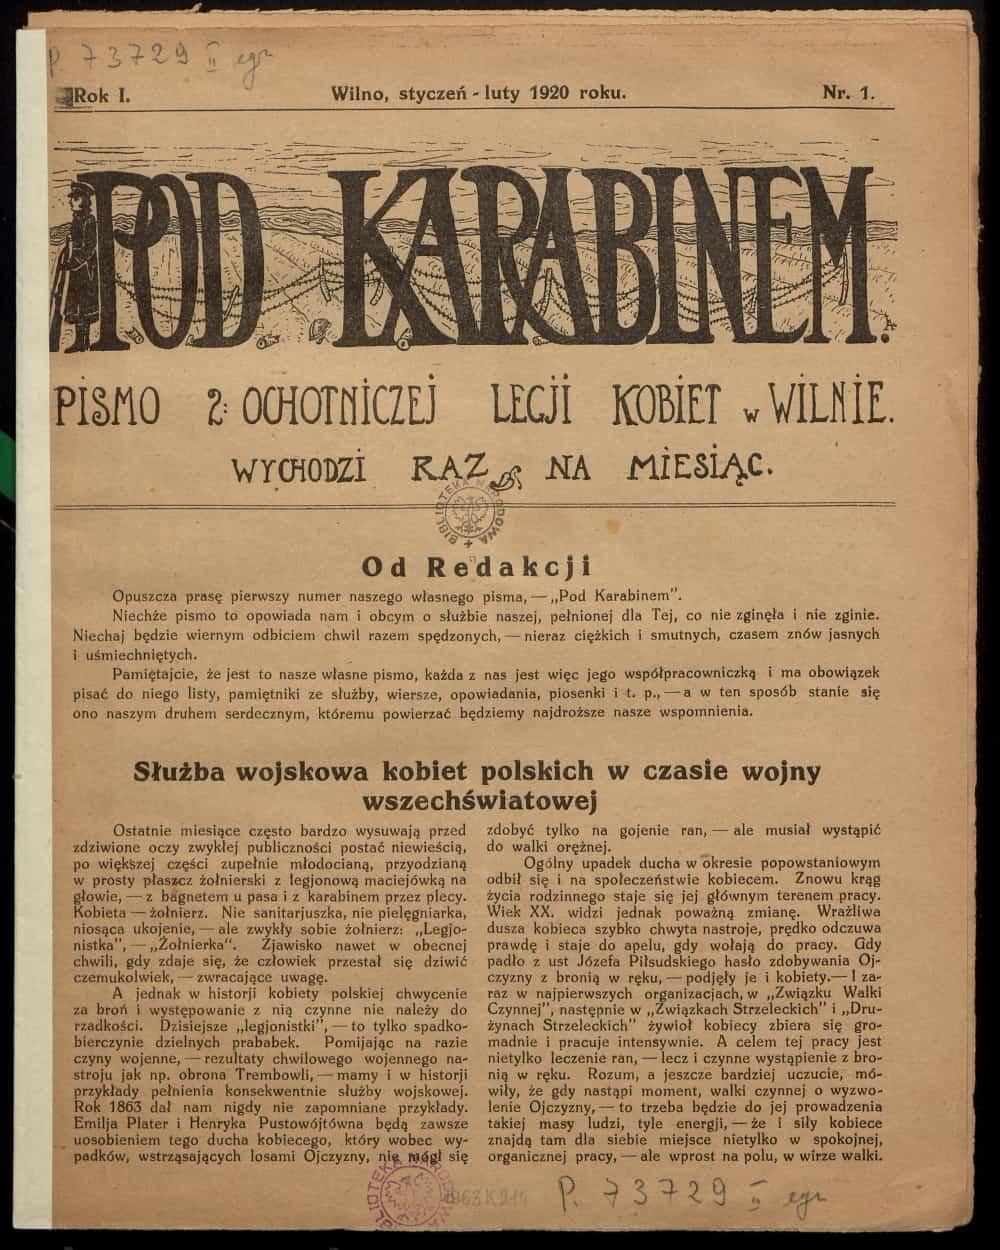 Pod karabinem: pismo 2 Ochotniczej Legii Kobiet w Wilnie (1920). Źródło: Polona